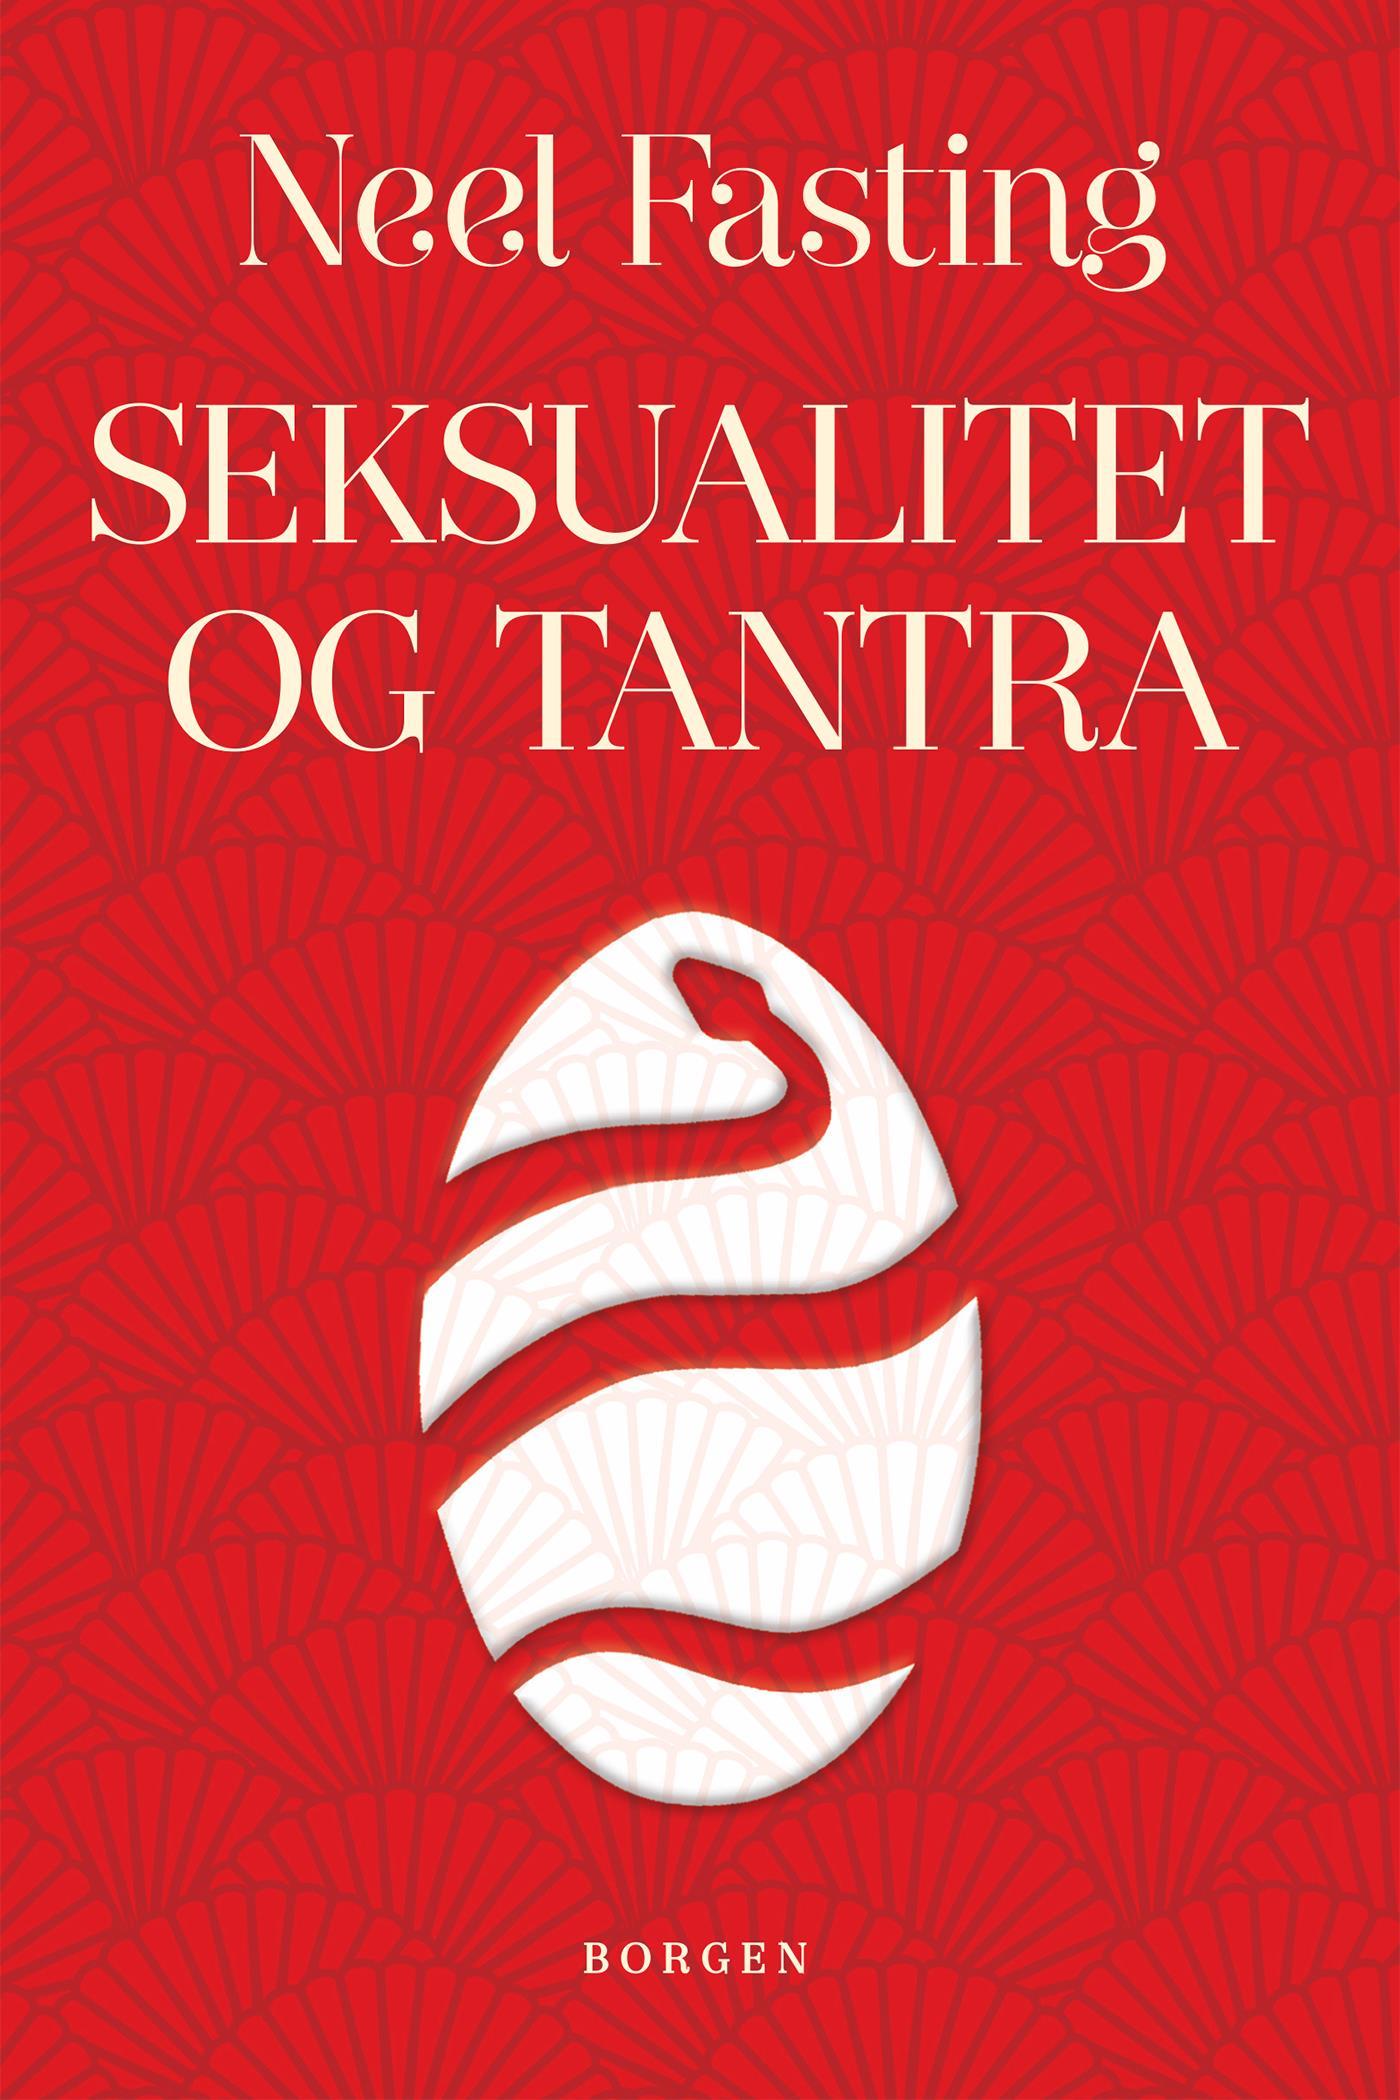 N/A – Seksualitet og tantra - e-bog fra bog & mystik